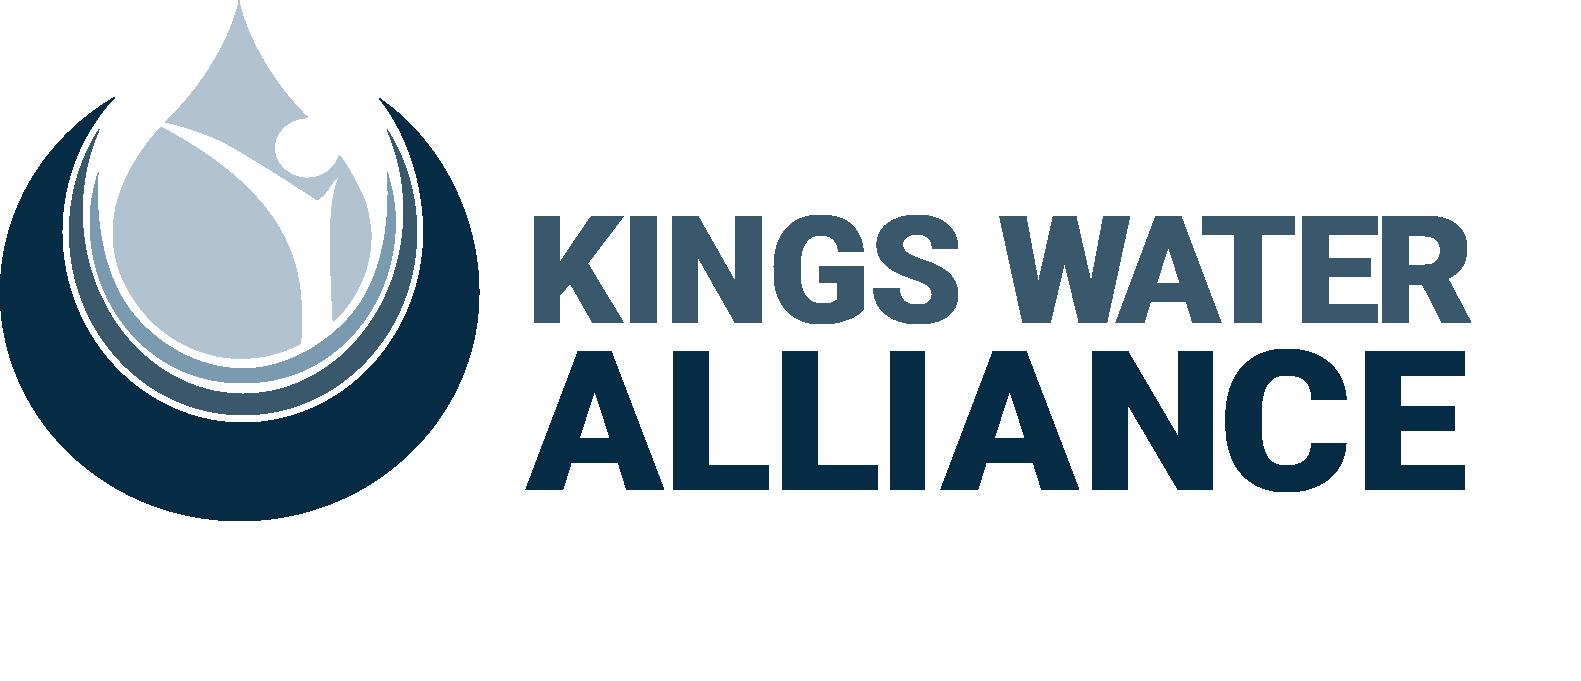 Kings Water Alliance